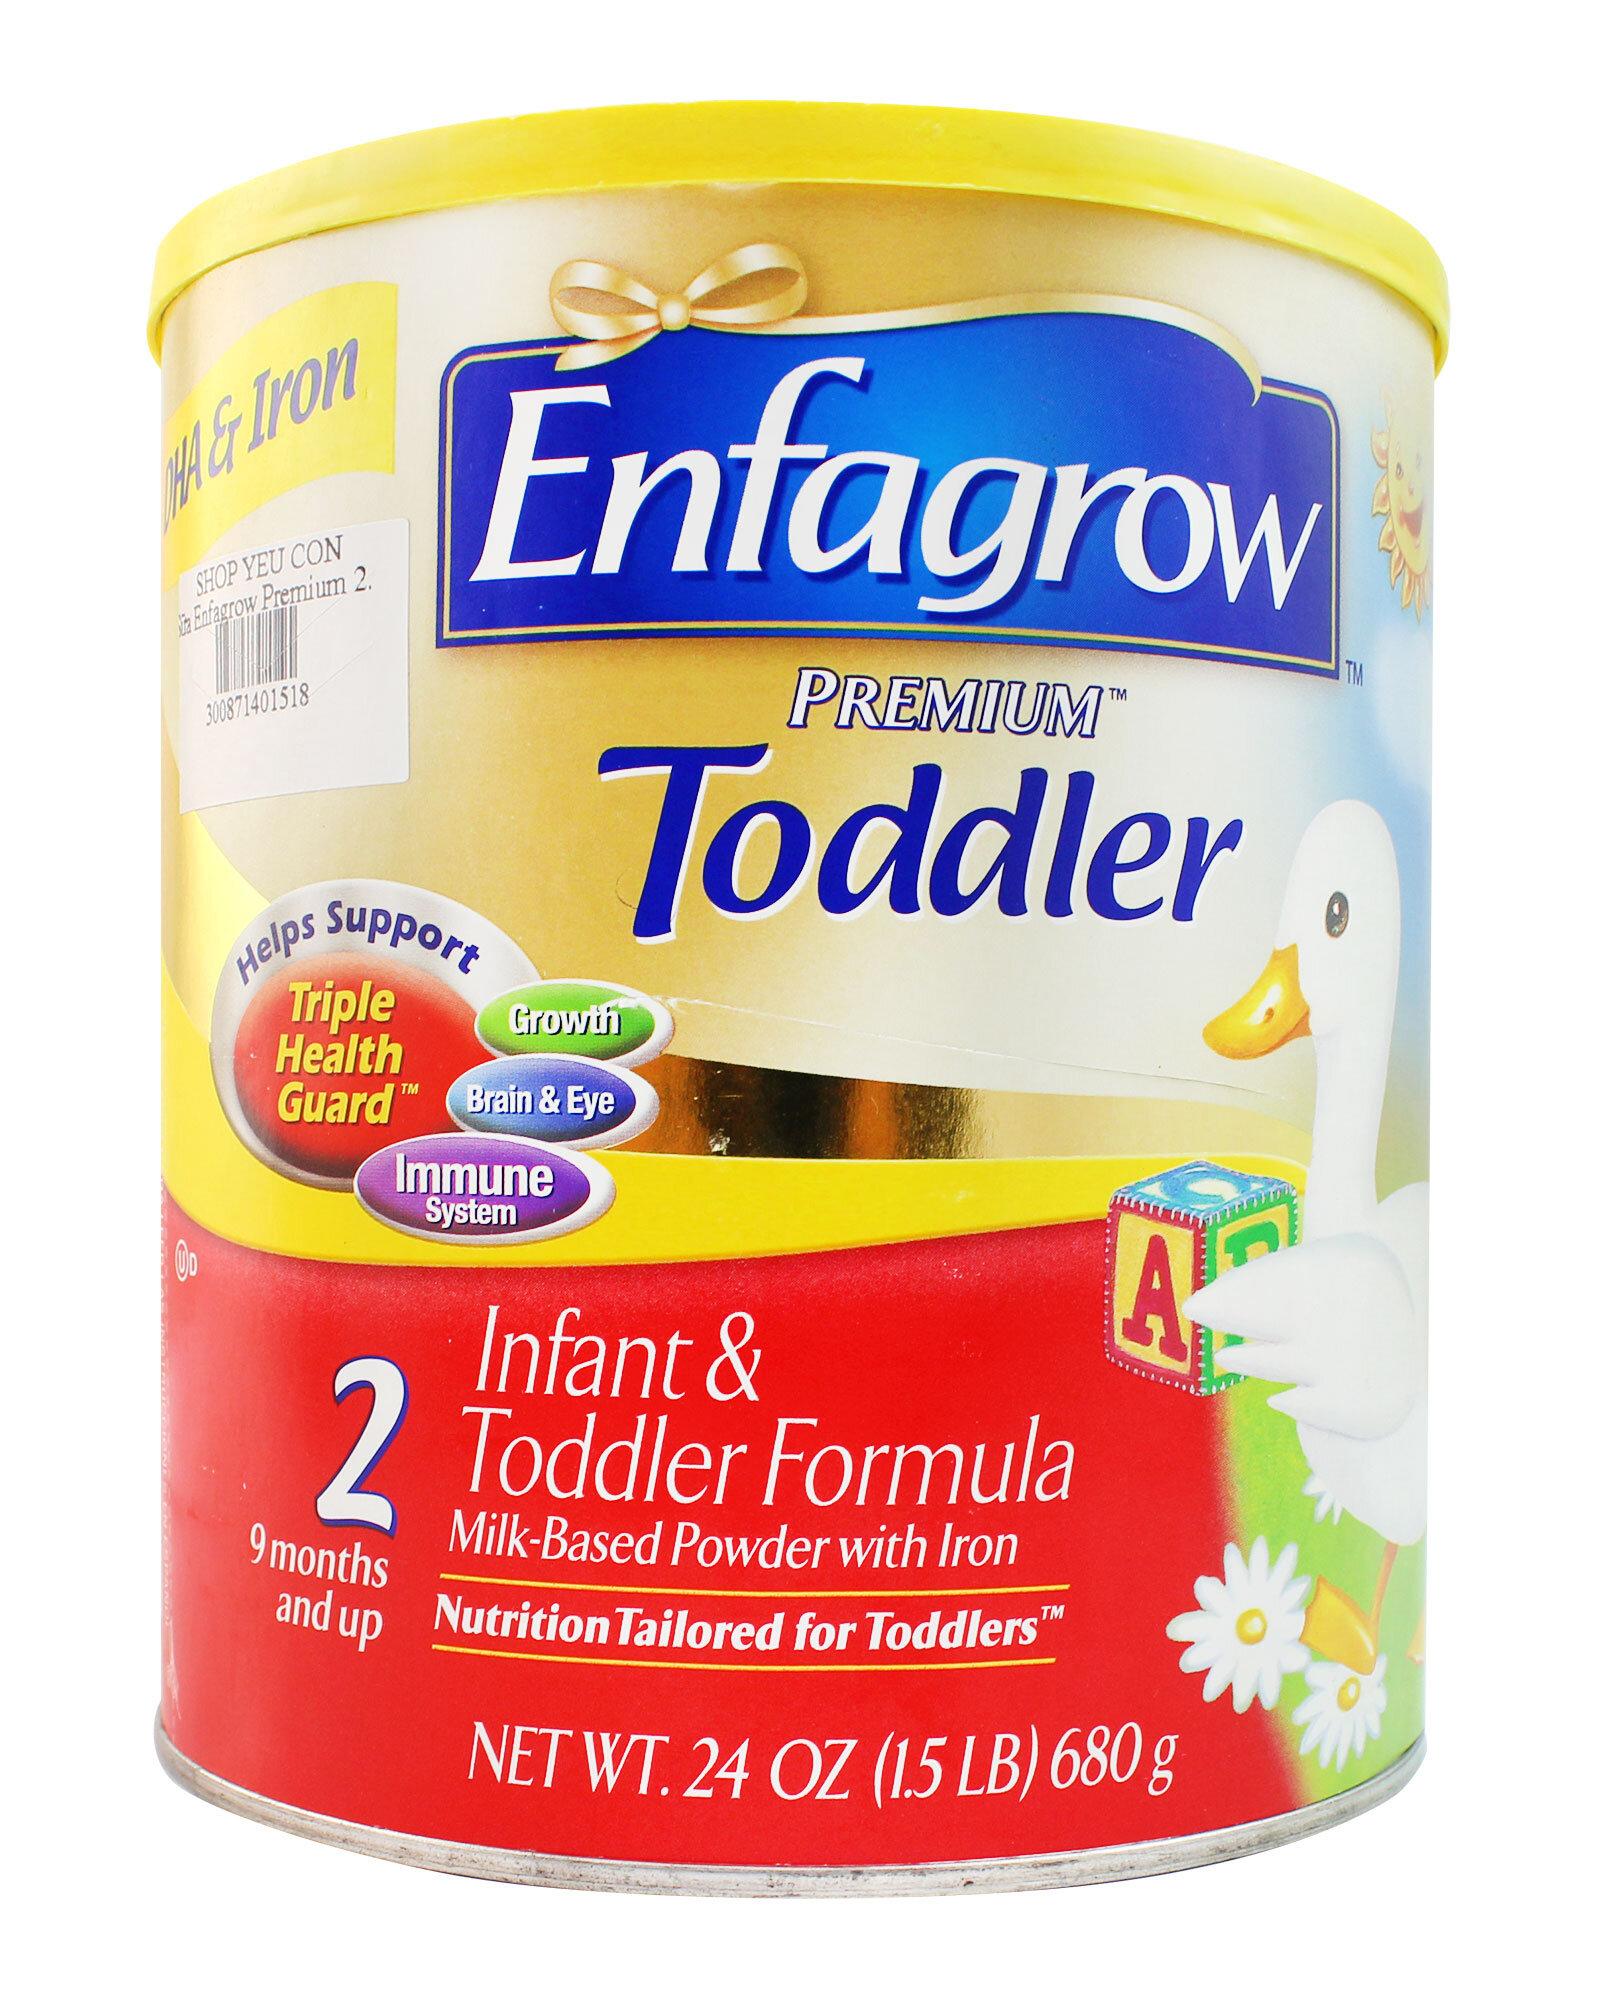 Tăng cường hệ miễn dịch với Enfagrow Premium Todder  2